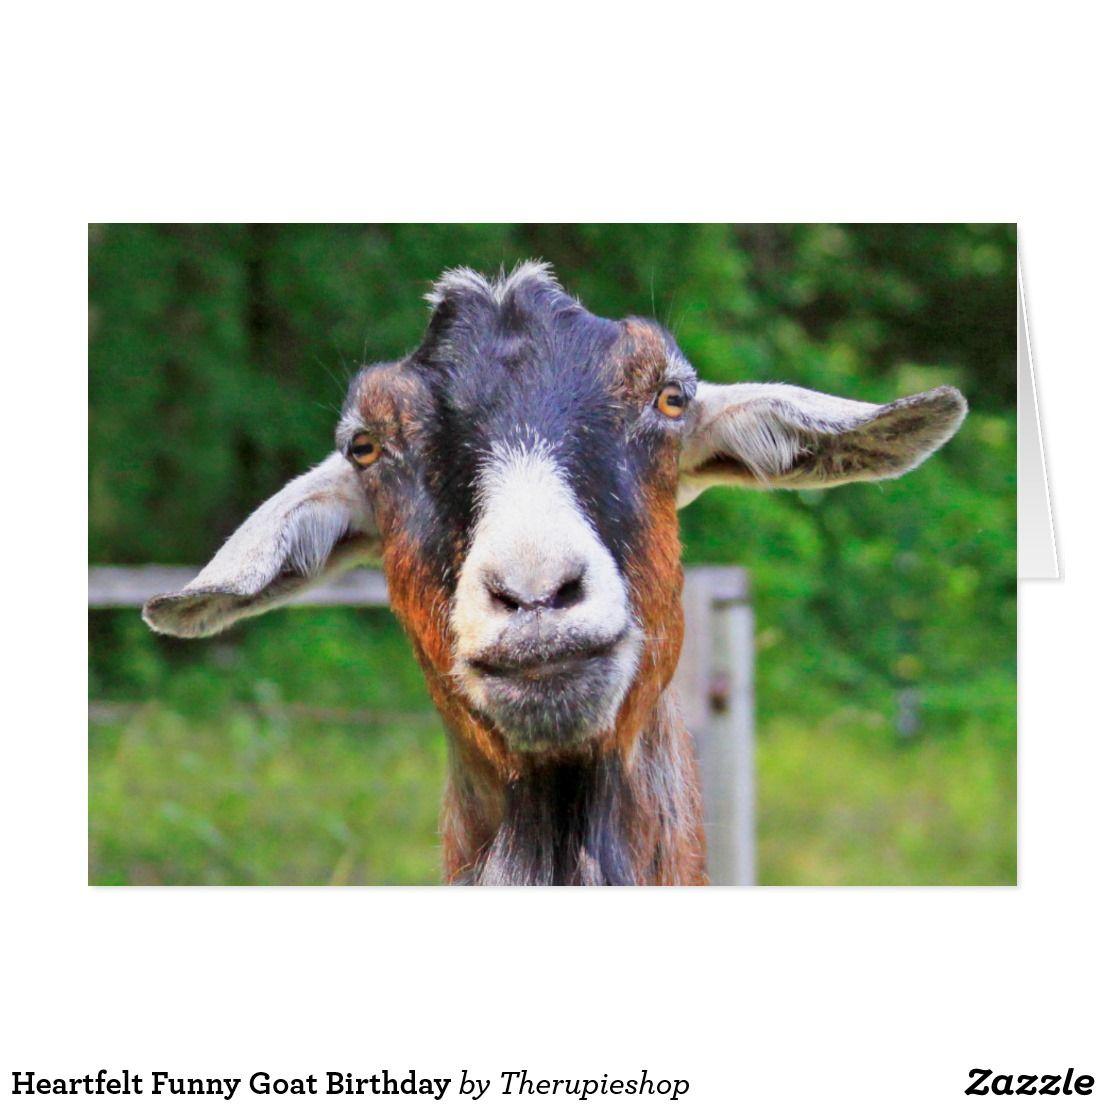 Heartfelt Funny Goat Birthday